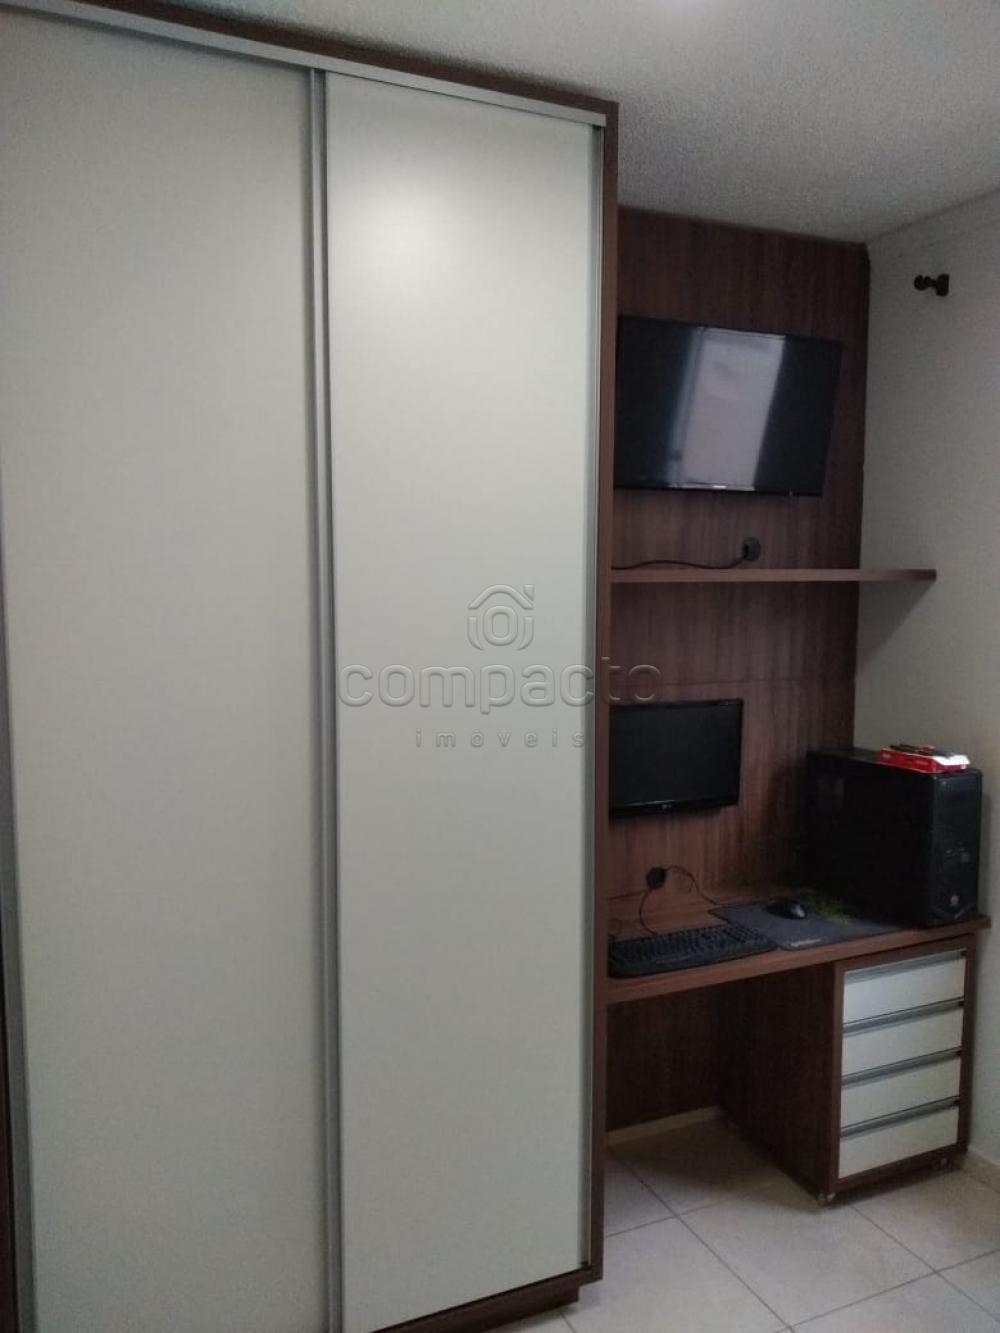 Comprar Apartamento / Padrão em São José do Rio Preto apenas R$ 190.000,00 - Foto 5